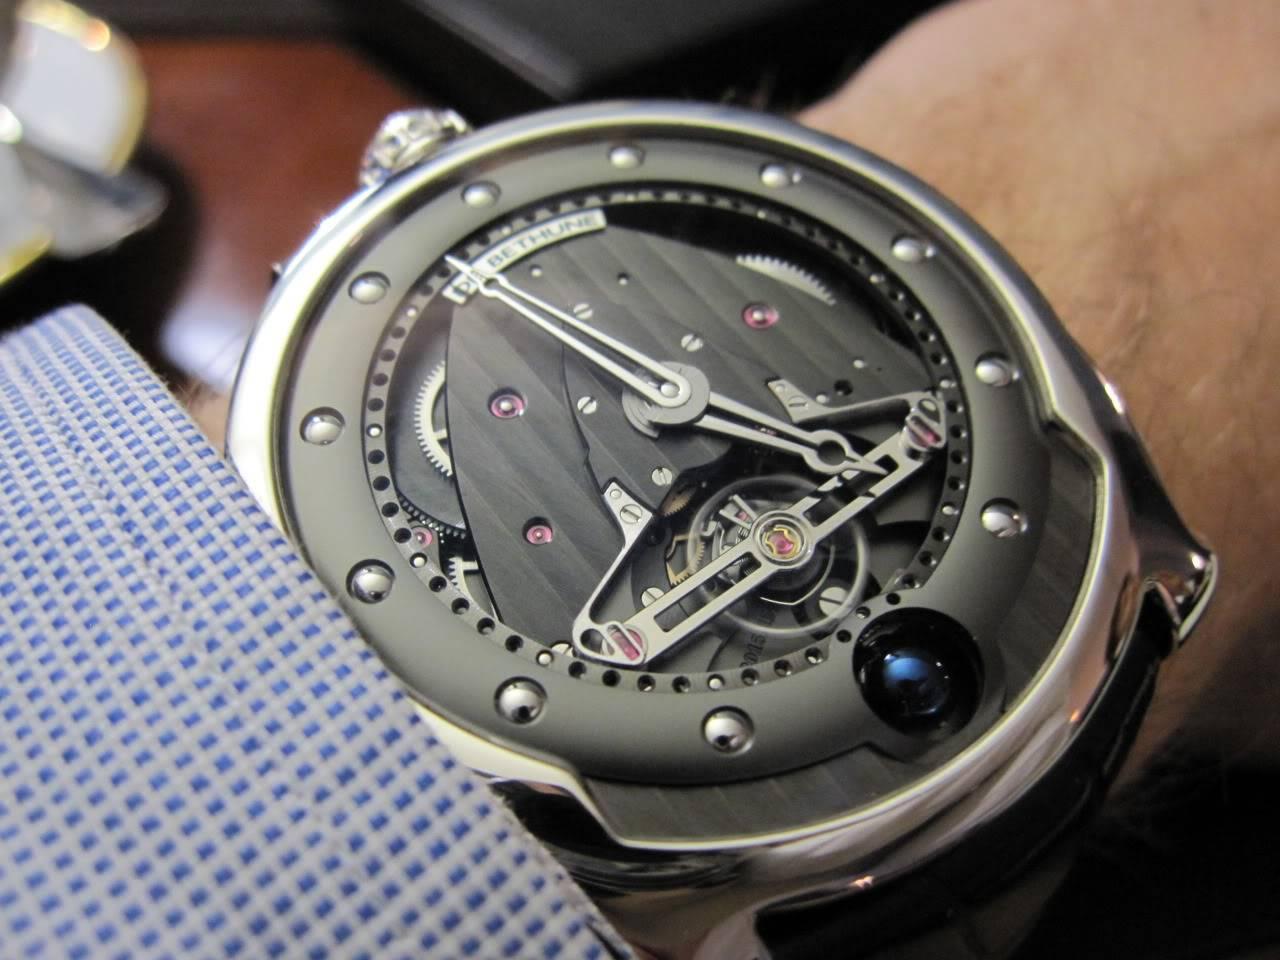 Où l'horlogerie devient art... (De Bethune inside) - Page 2 DB_SIHH2010_028